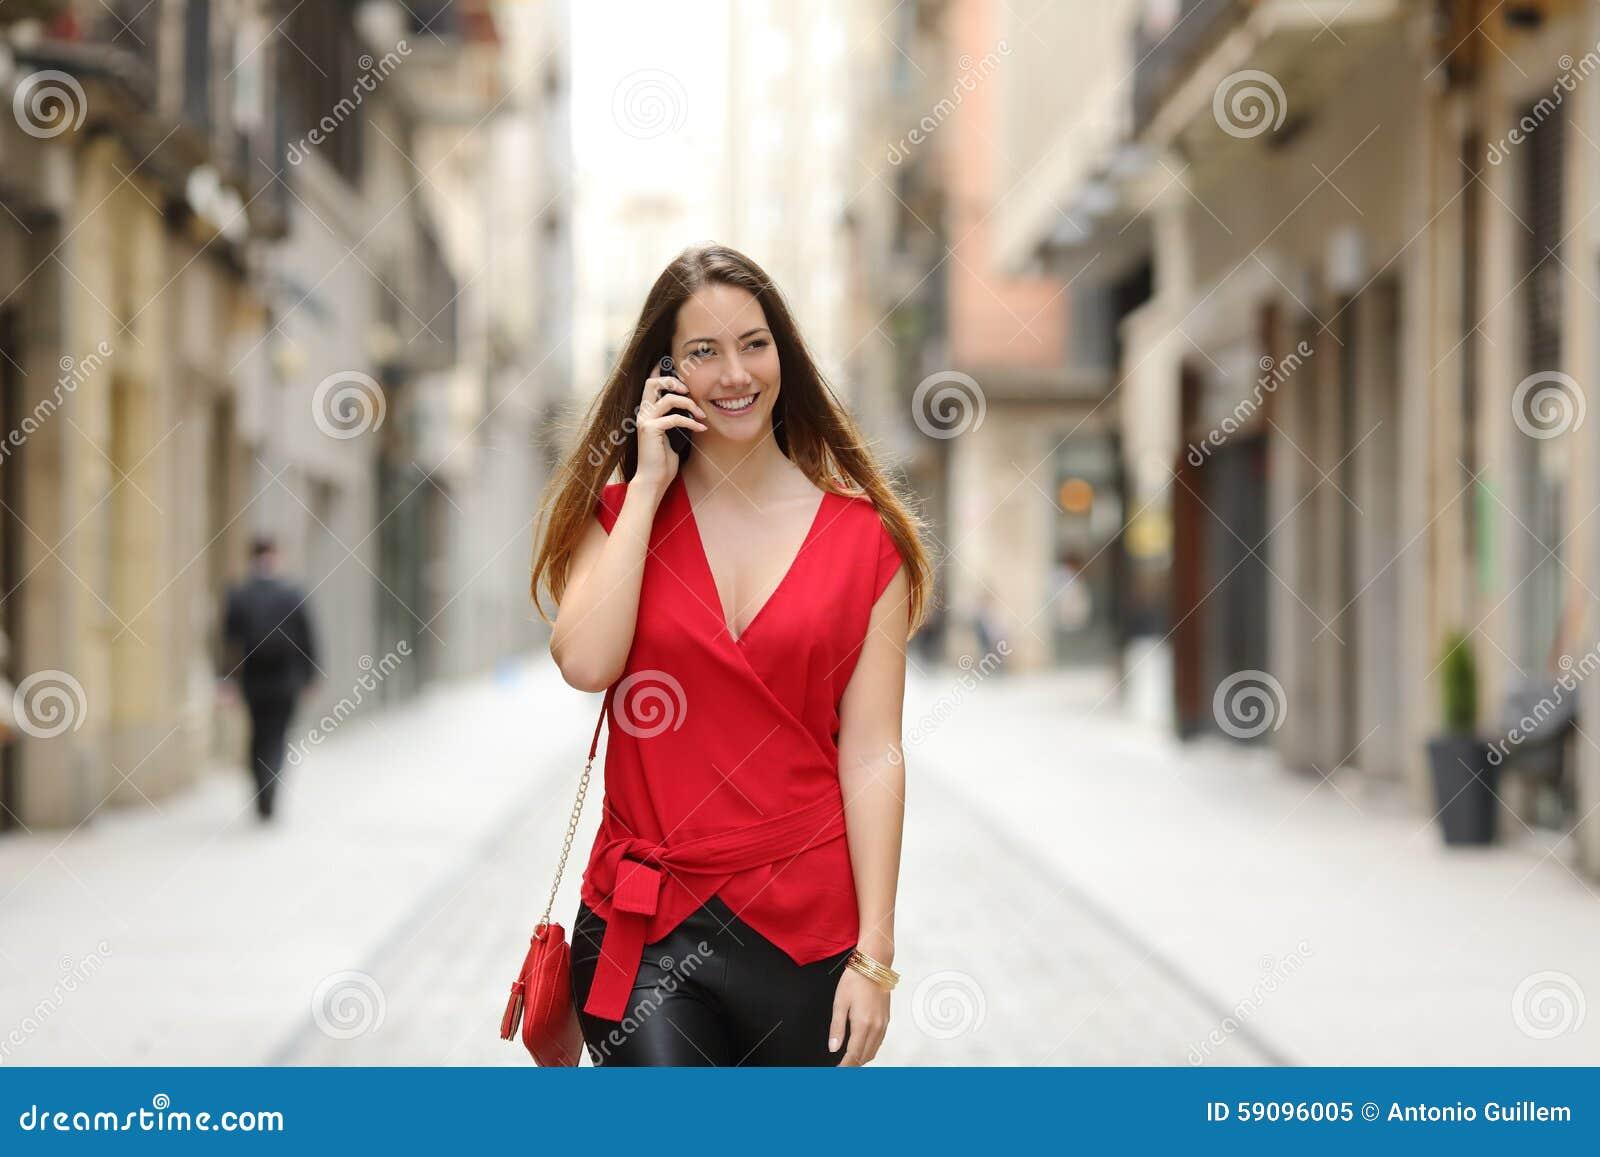 Dana kvinnan som går och talar på mobiltelefonen